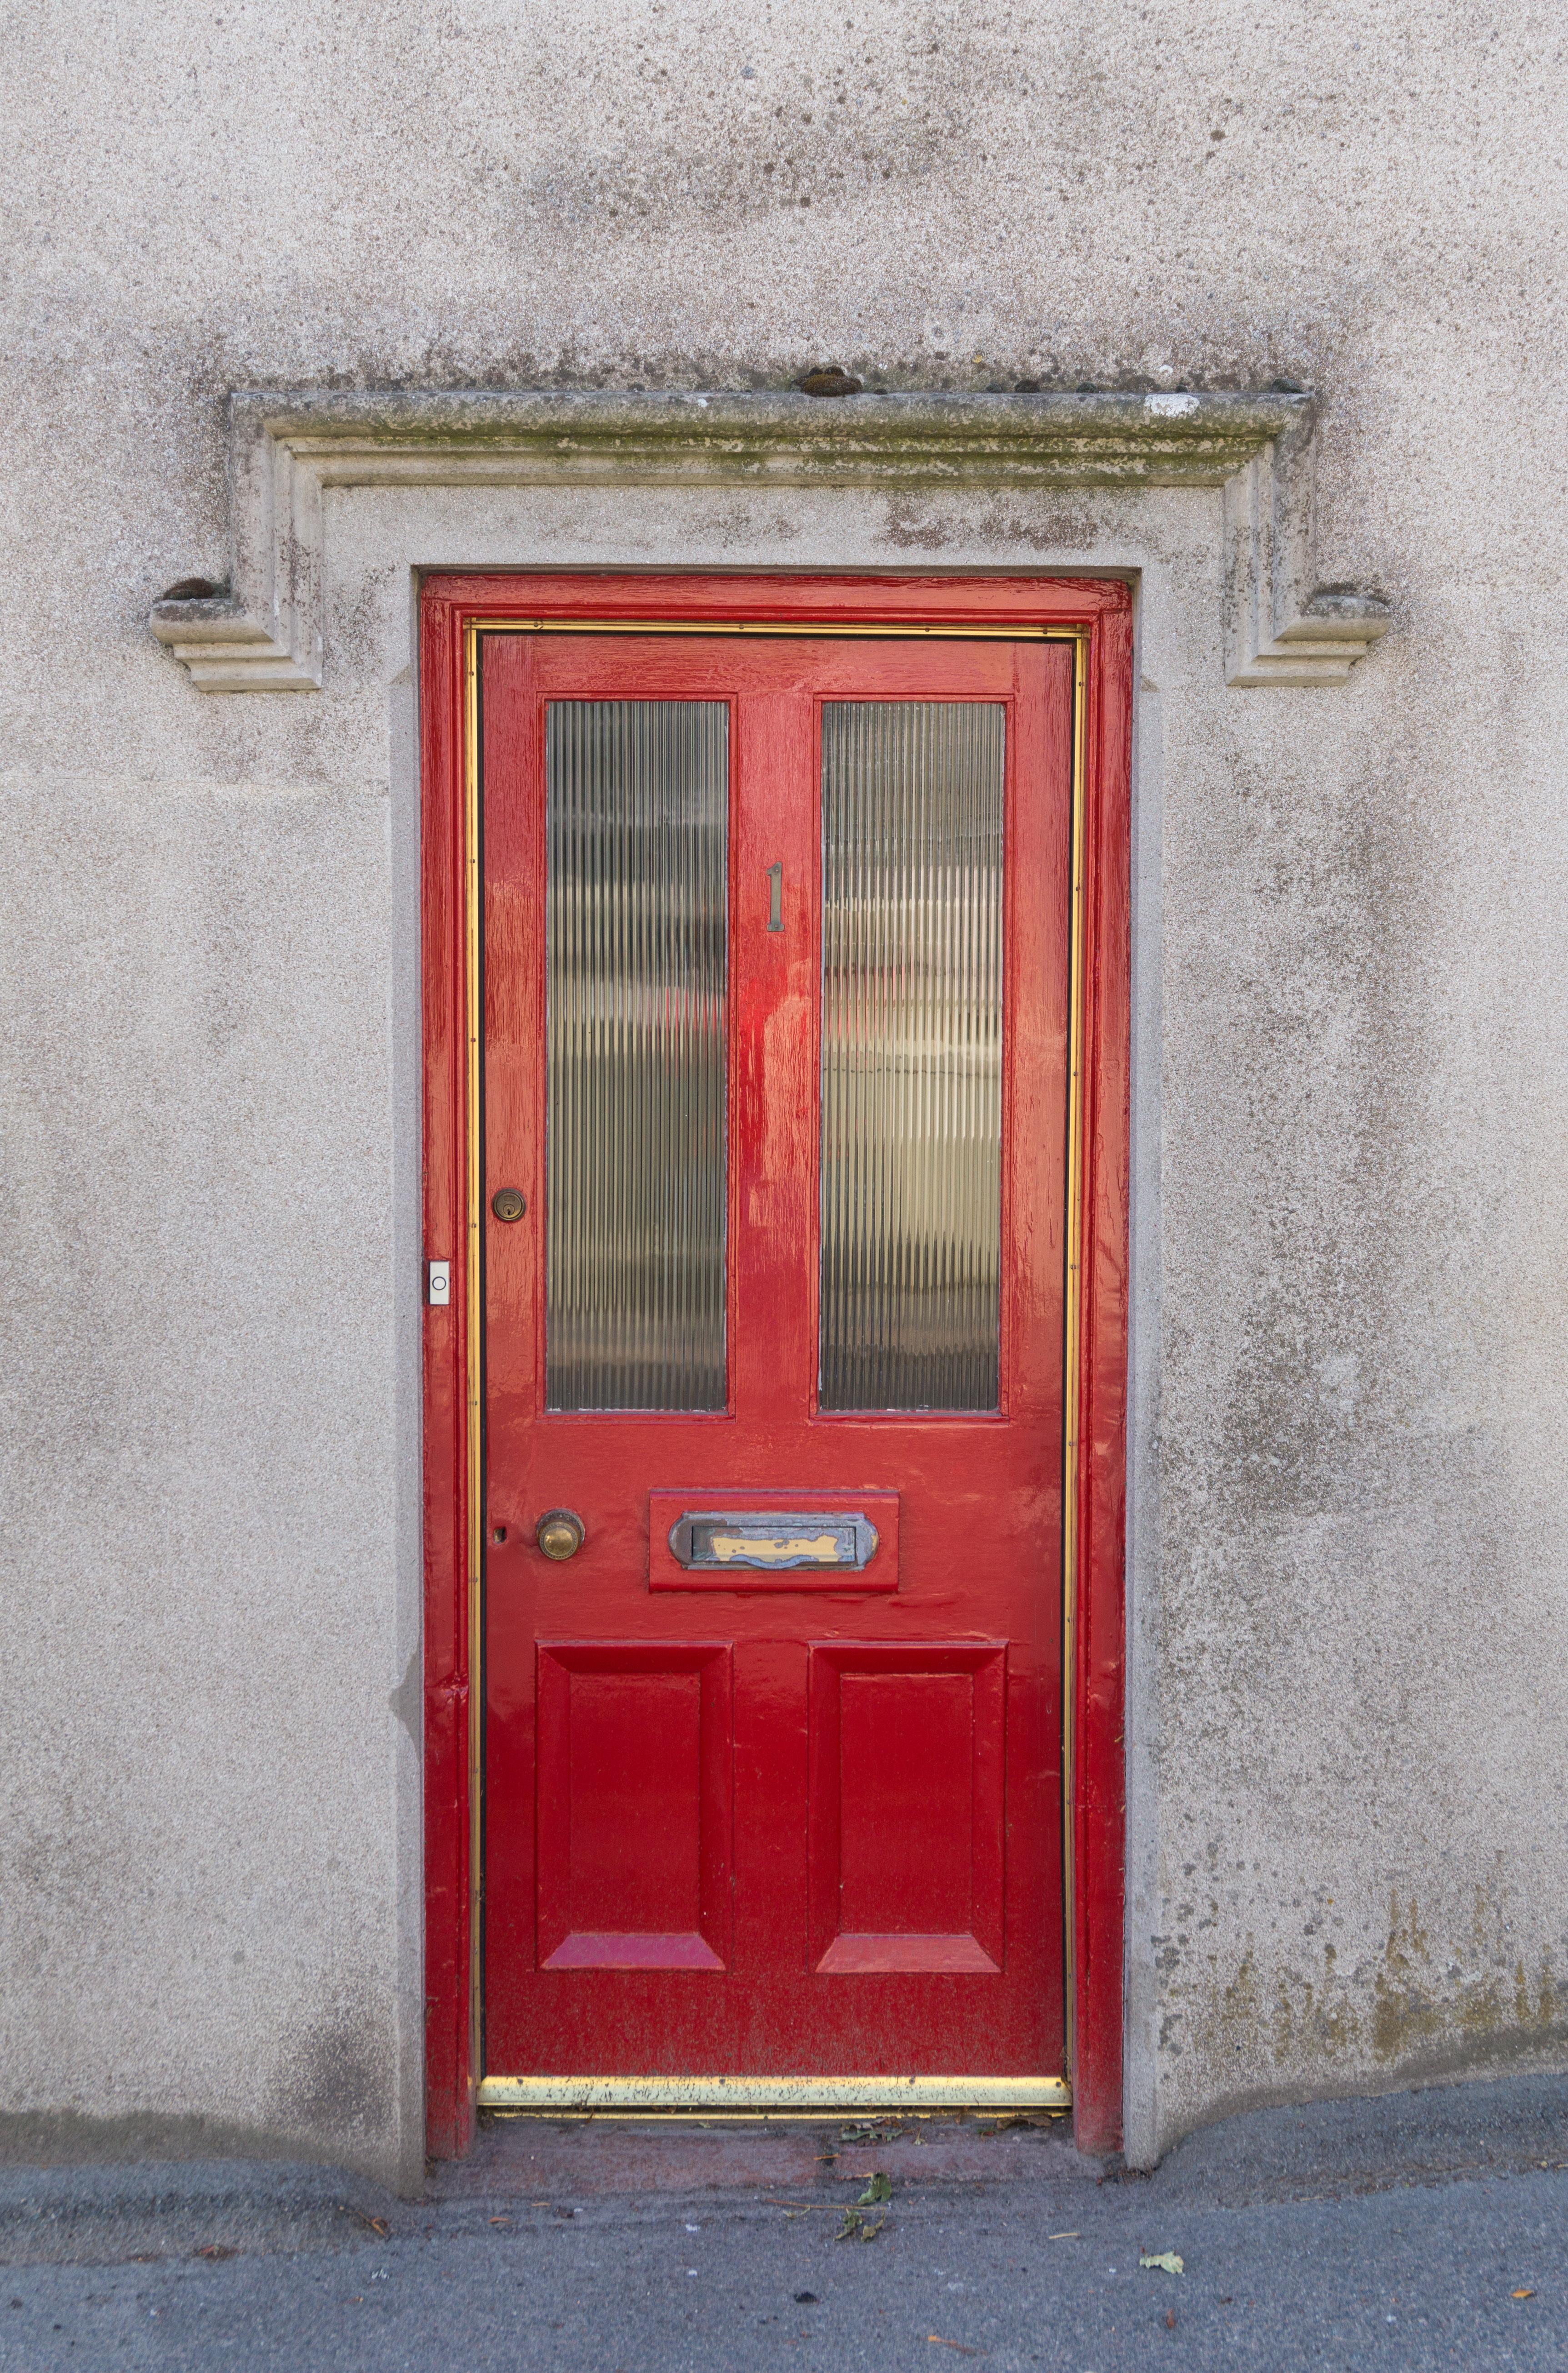 Red Wooden Door - Doors - Texturify - Free textures